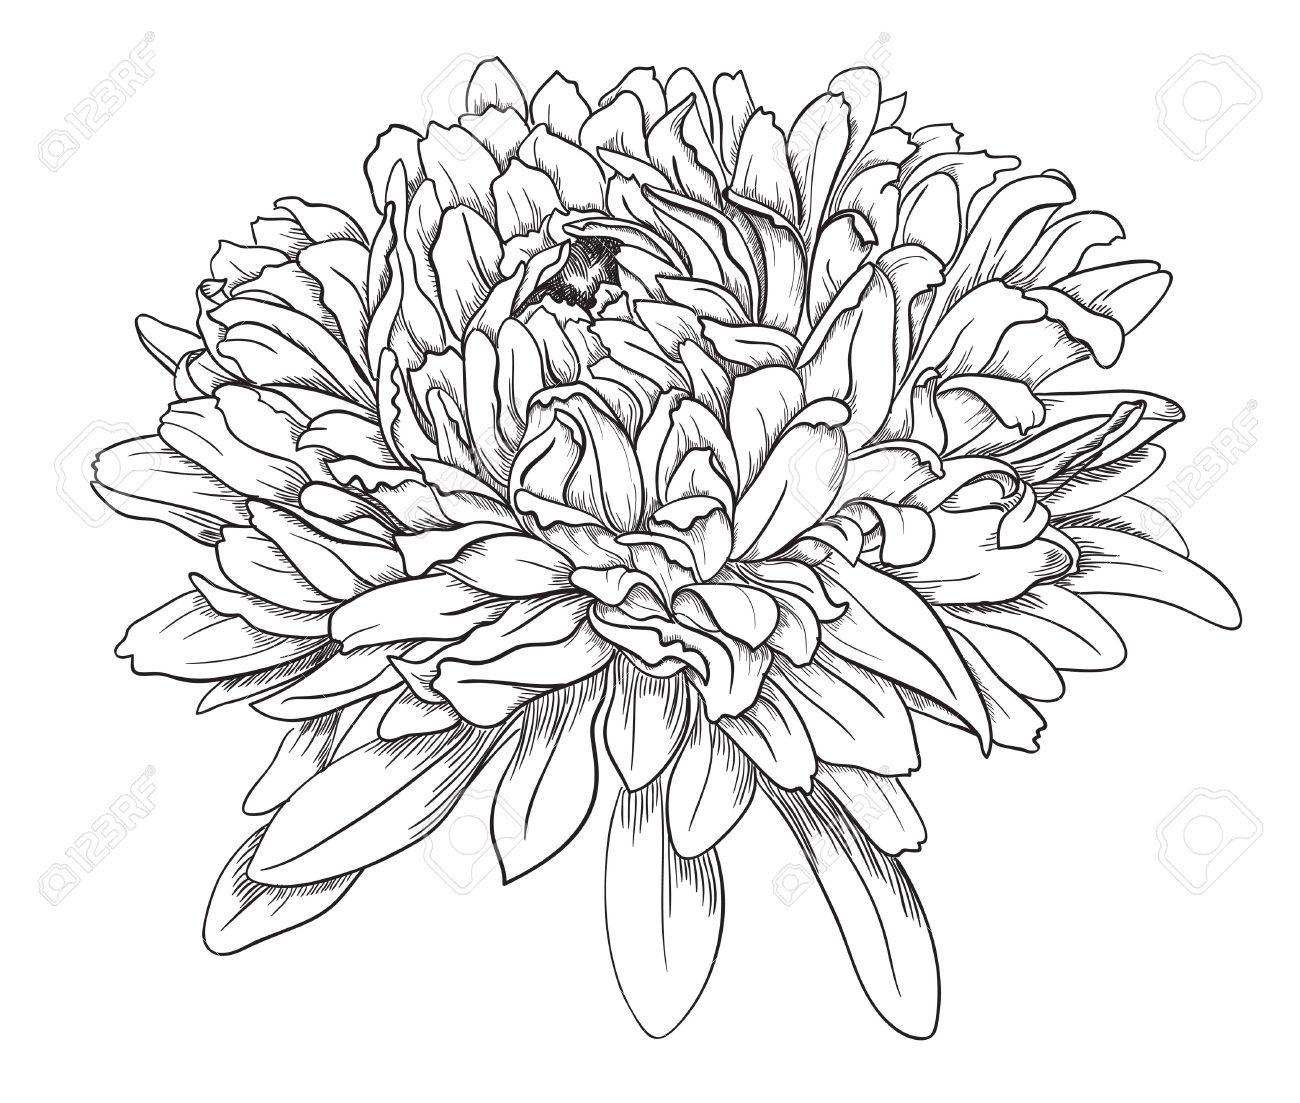 Chrysanthemum Drawing Google Search Aster Flower Tattoos Chrysanthemum Tattoo Aster Tattoo